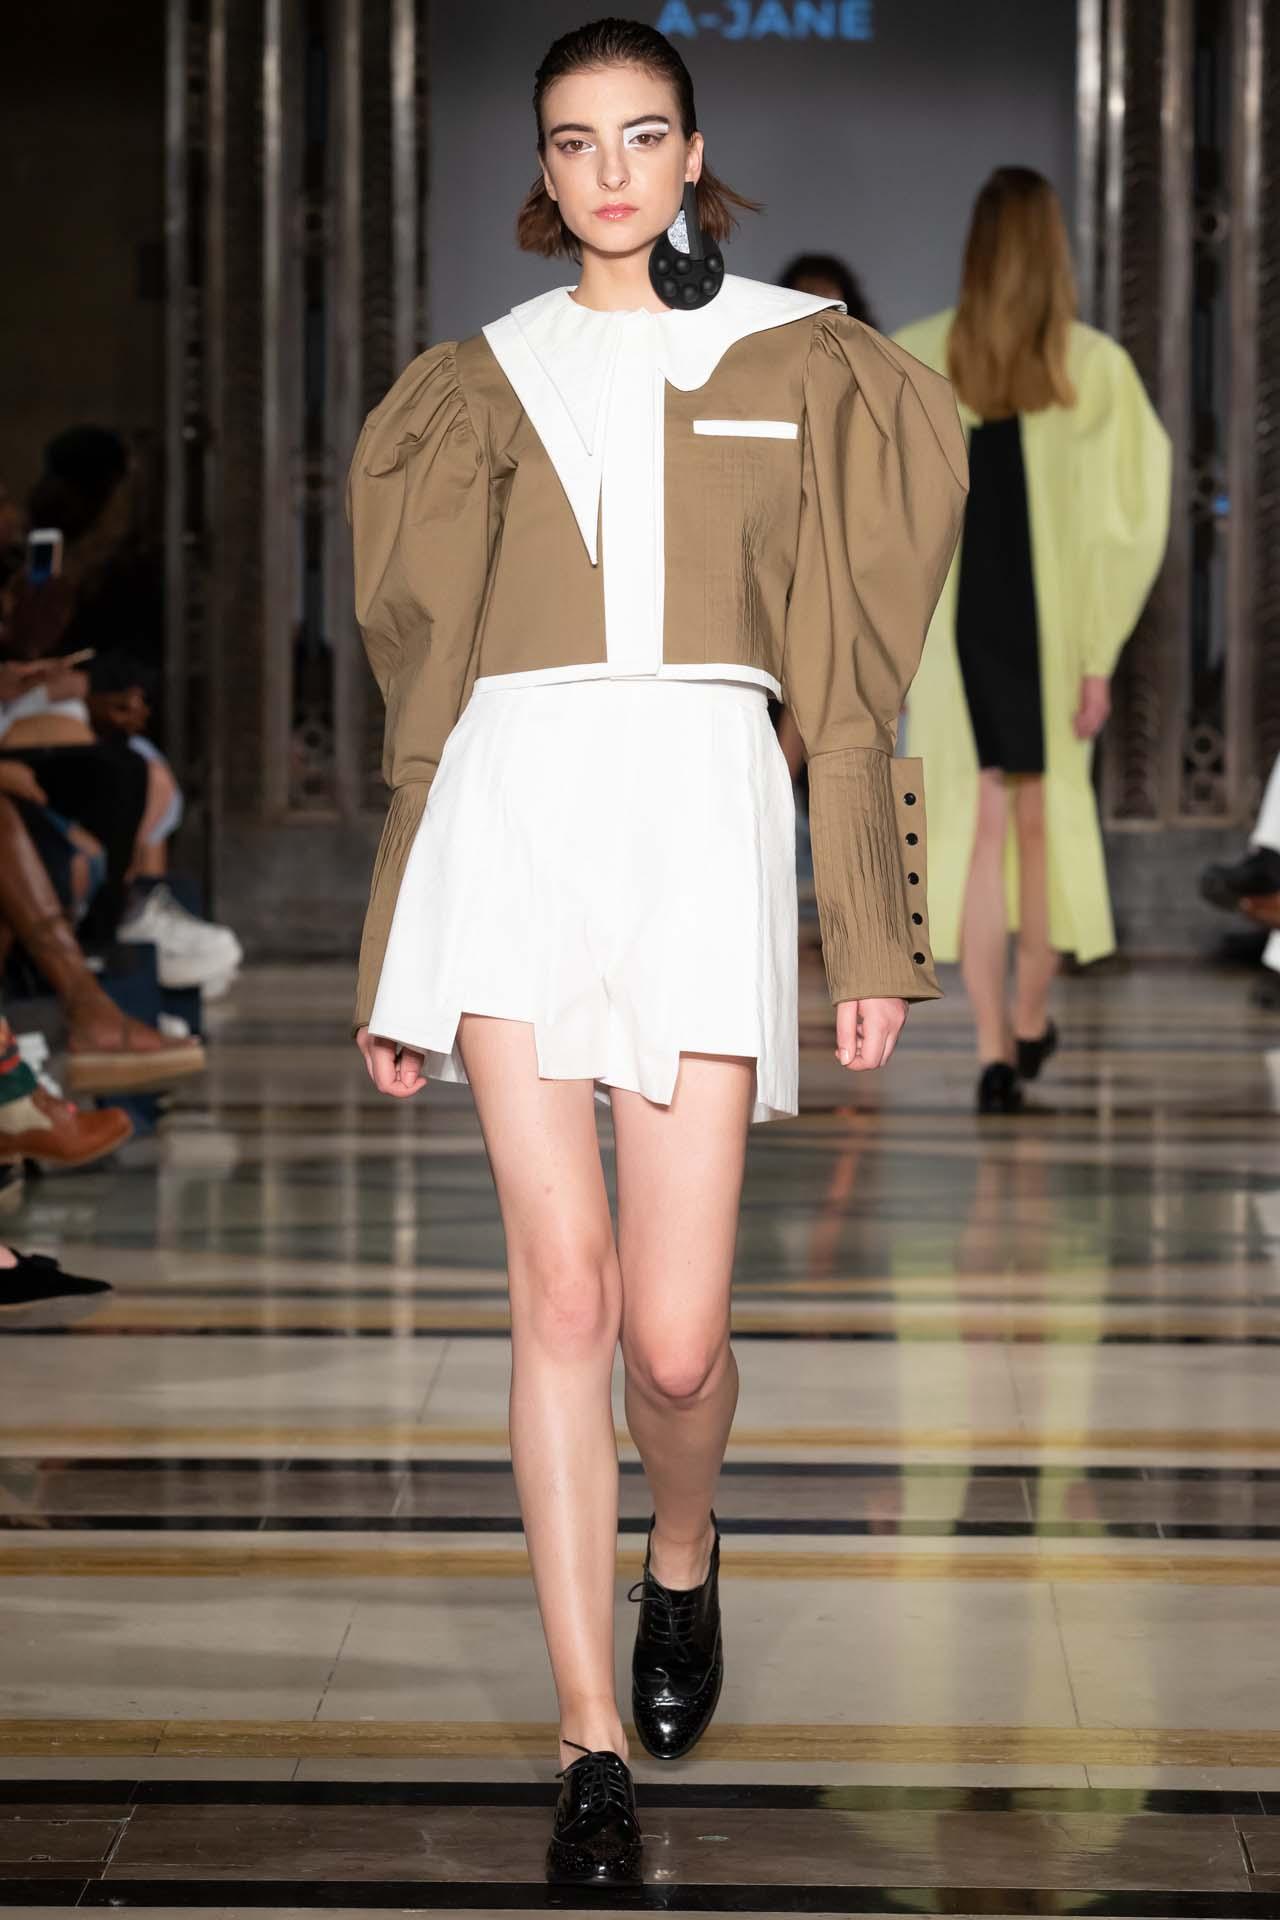 A jane lfw fashion scout (11)